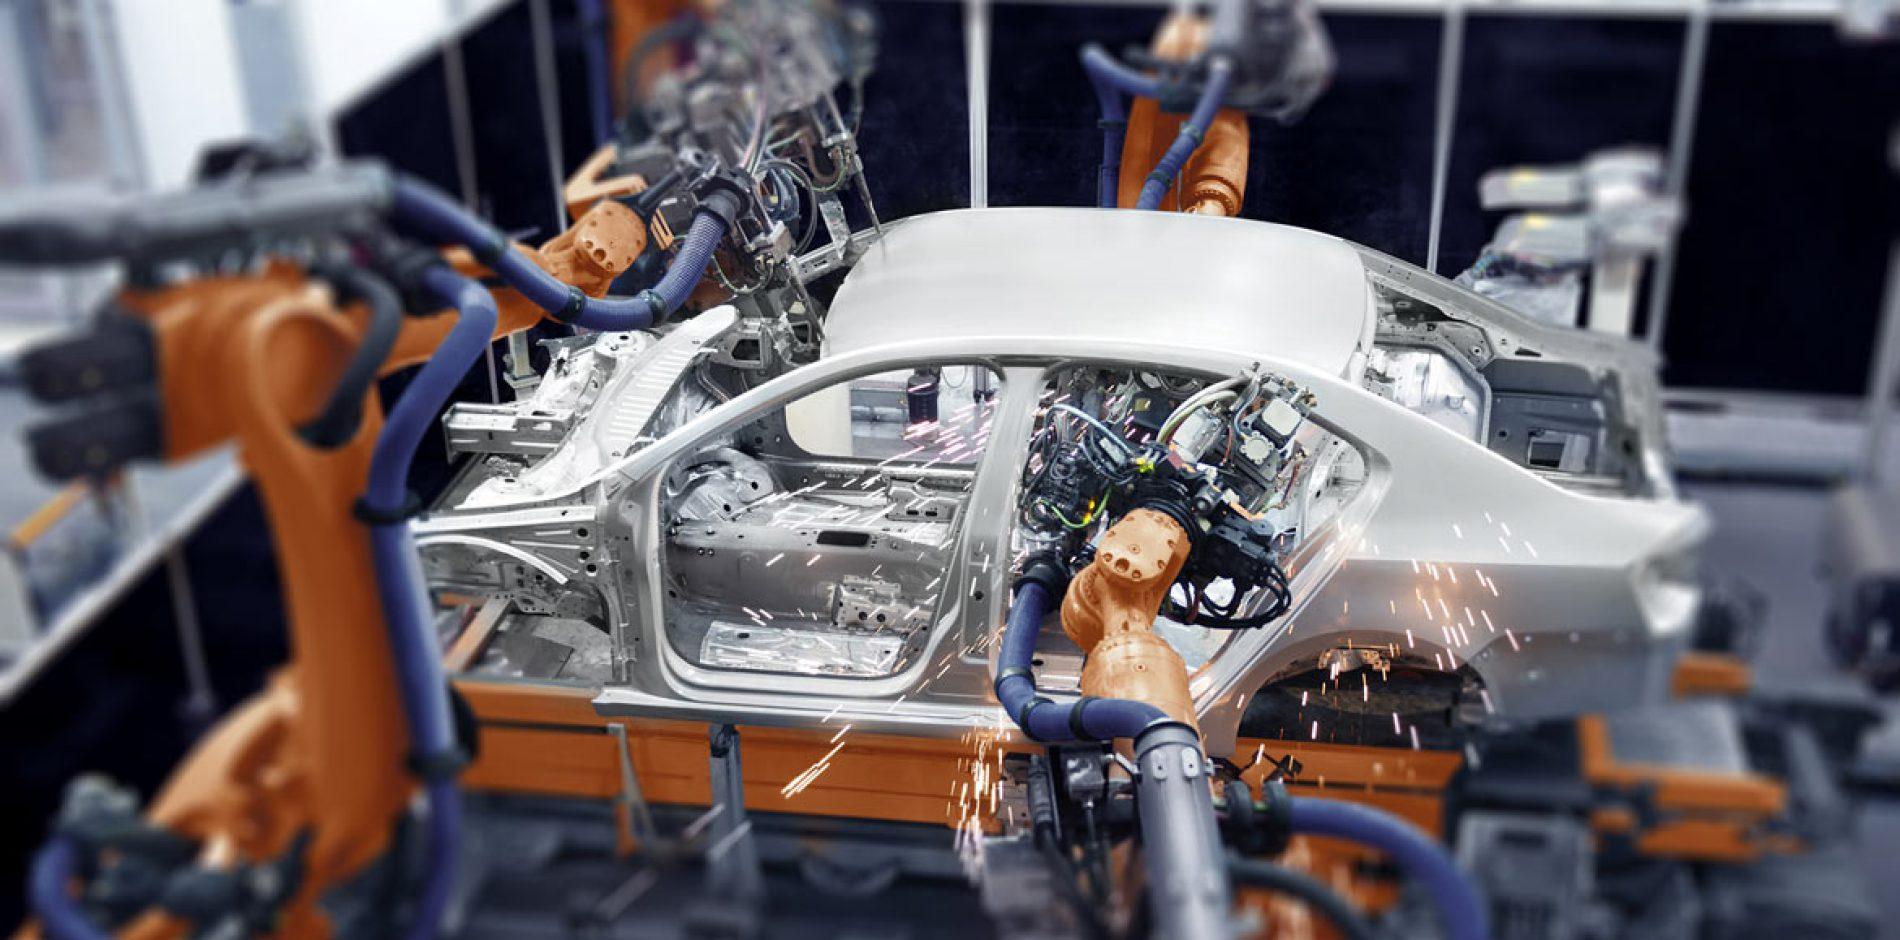 Settore Automotive: analisi e prospettive dopo l'emergenza Covid-19